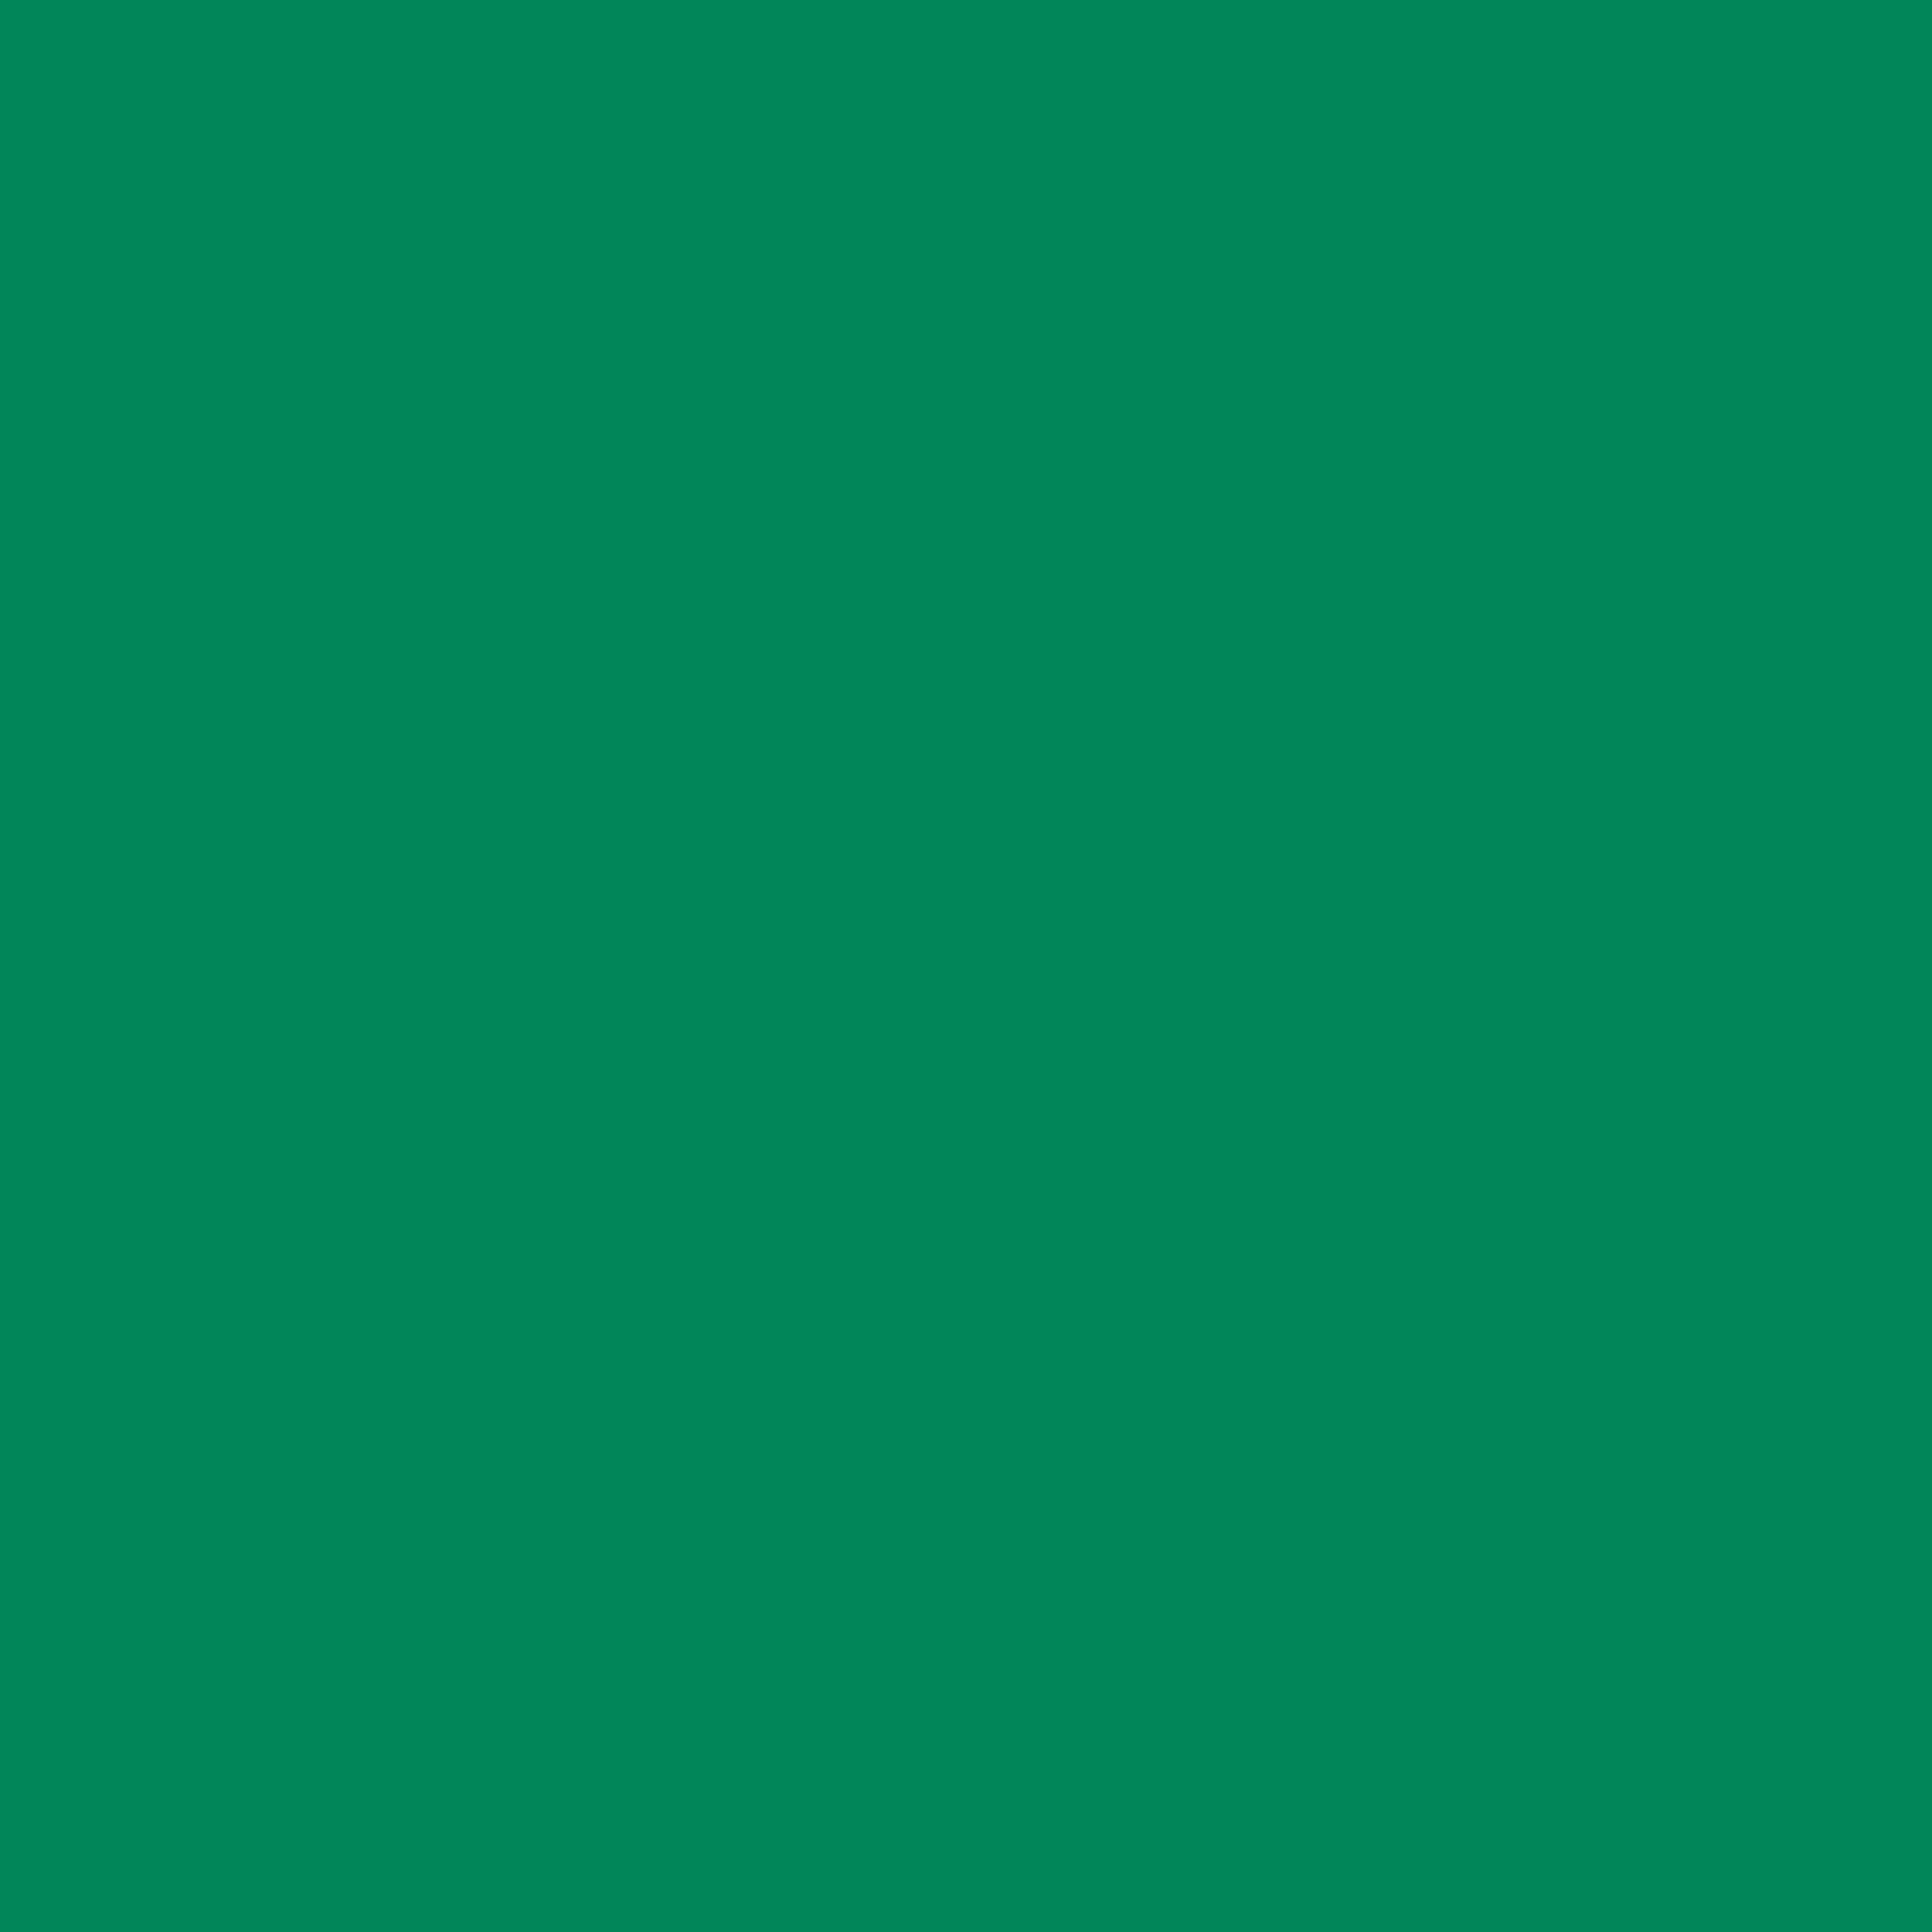 Suplex Verde Bandeira